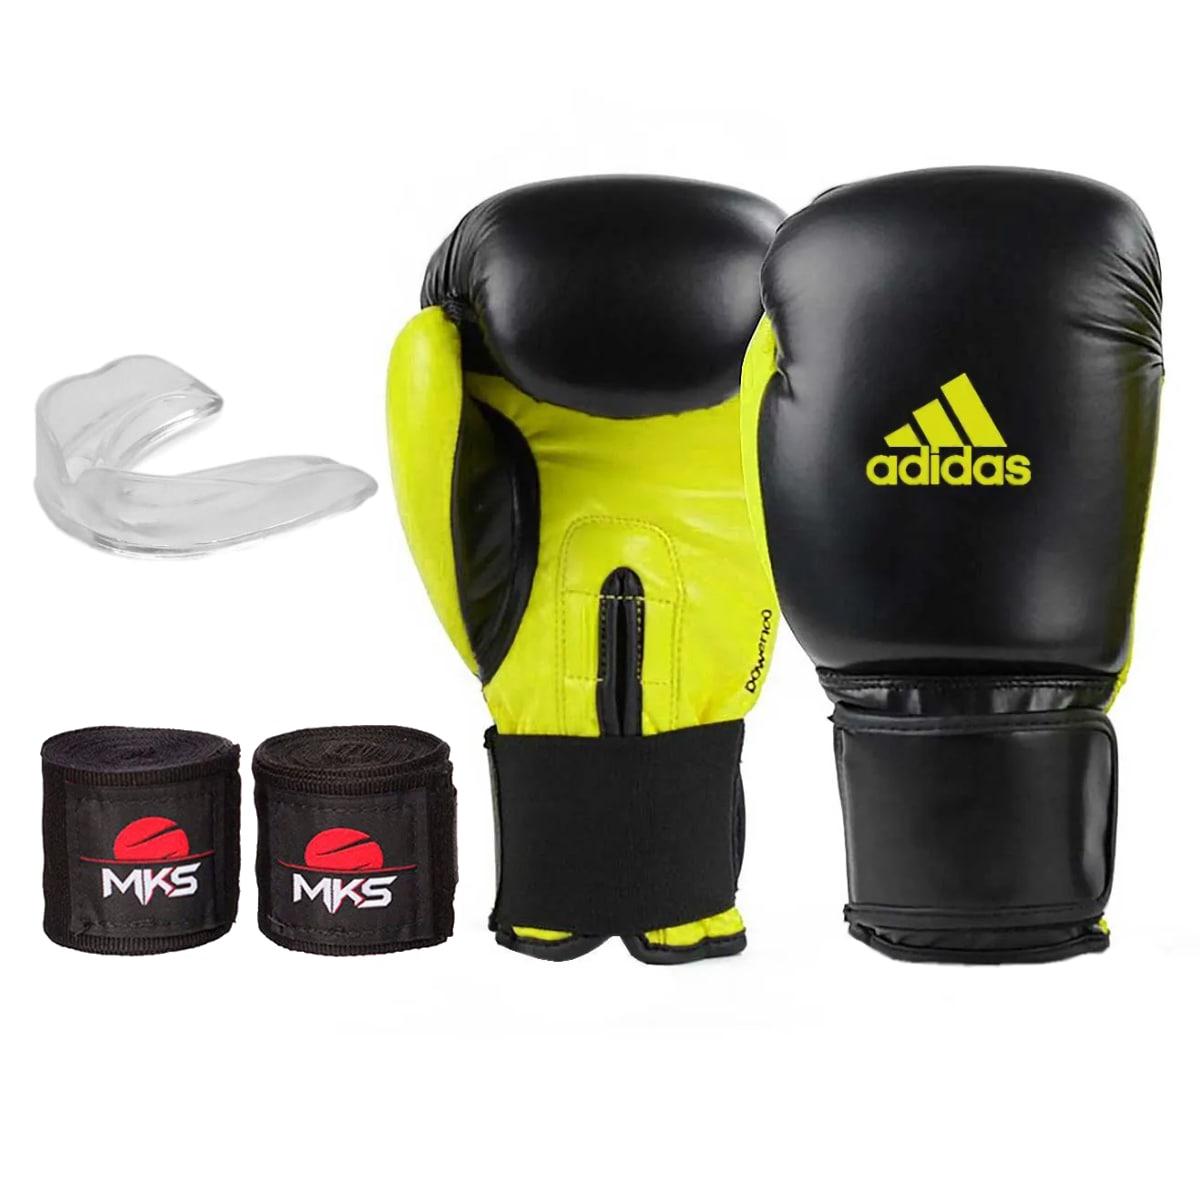 Kit Boxe Adidas Power 100: Luva + Bandagem + Bucal - Amarelo